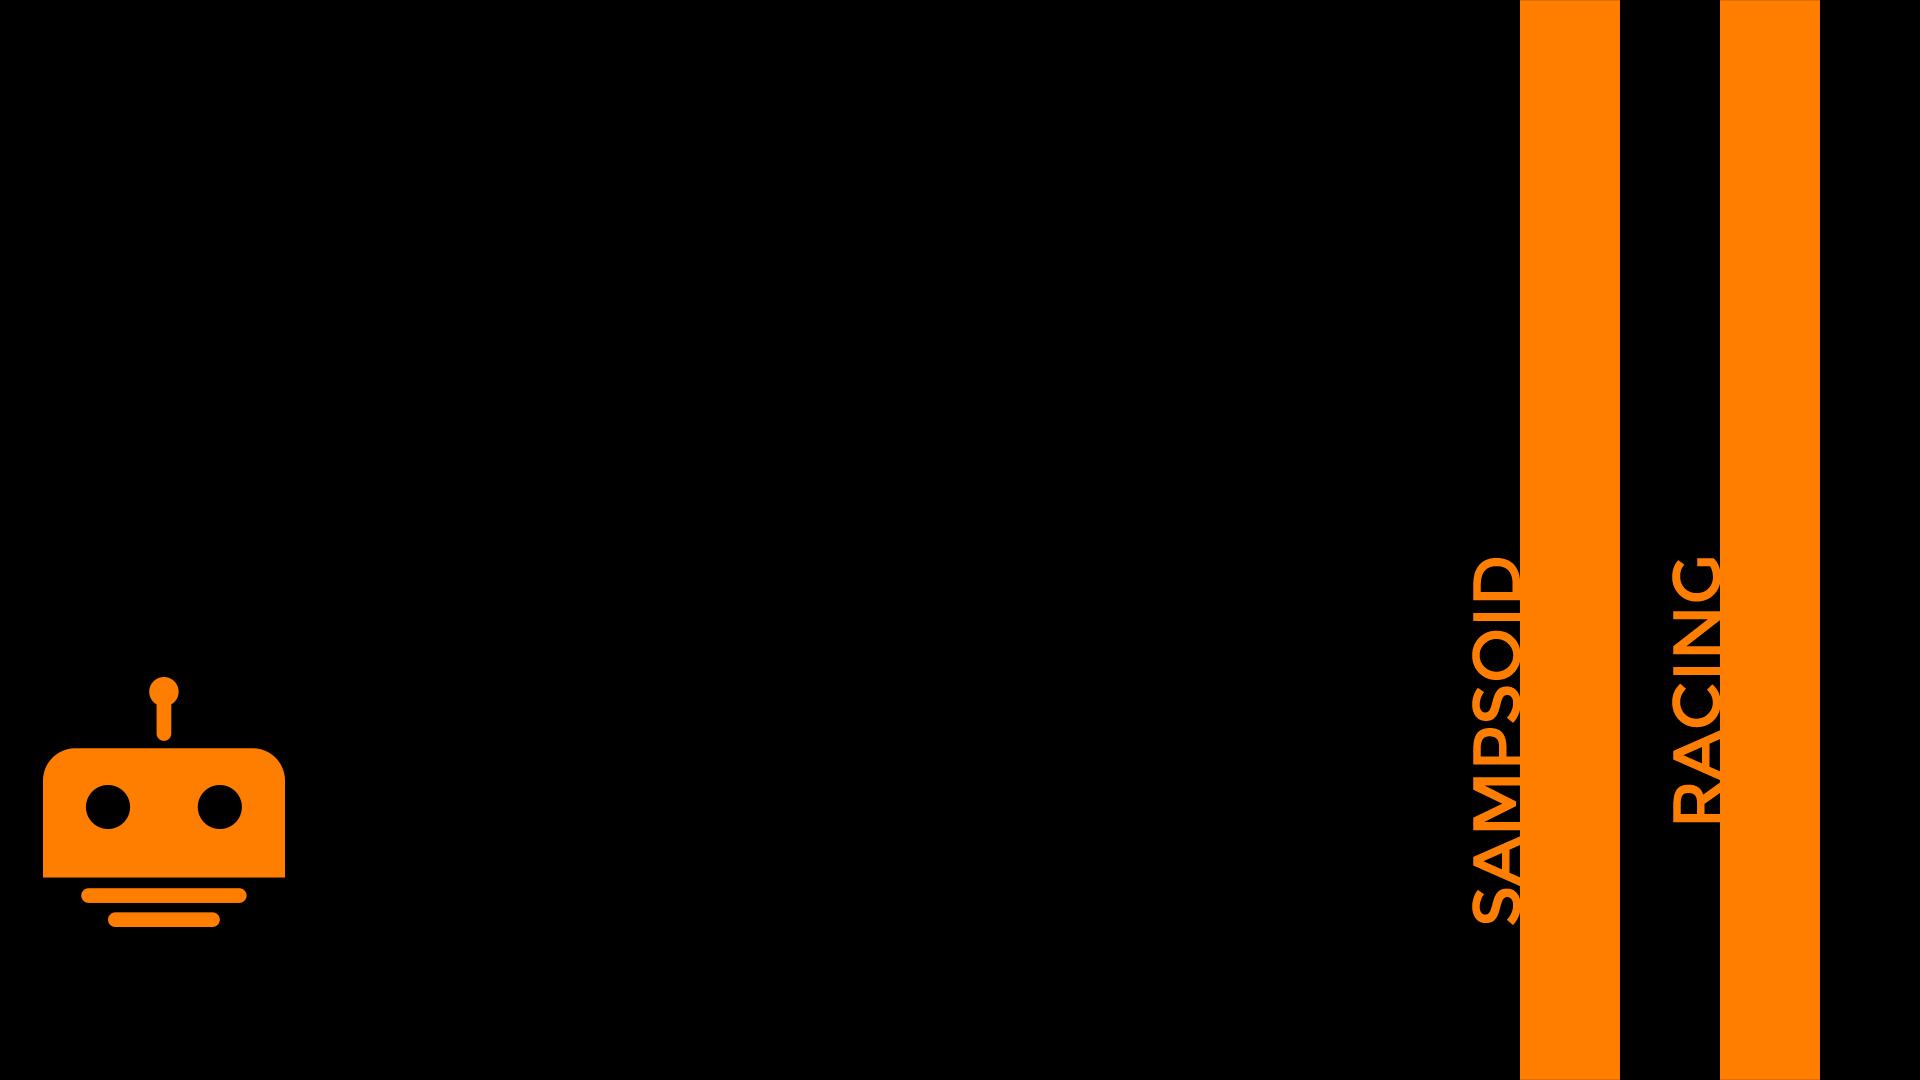 Sampsoid Racing Single Screen Wallpaper